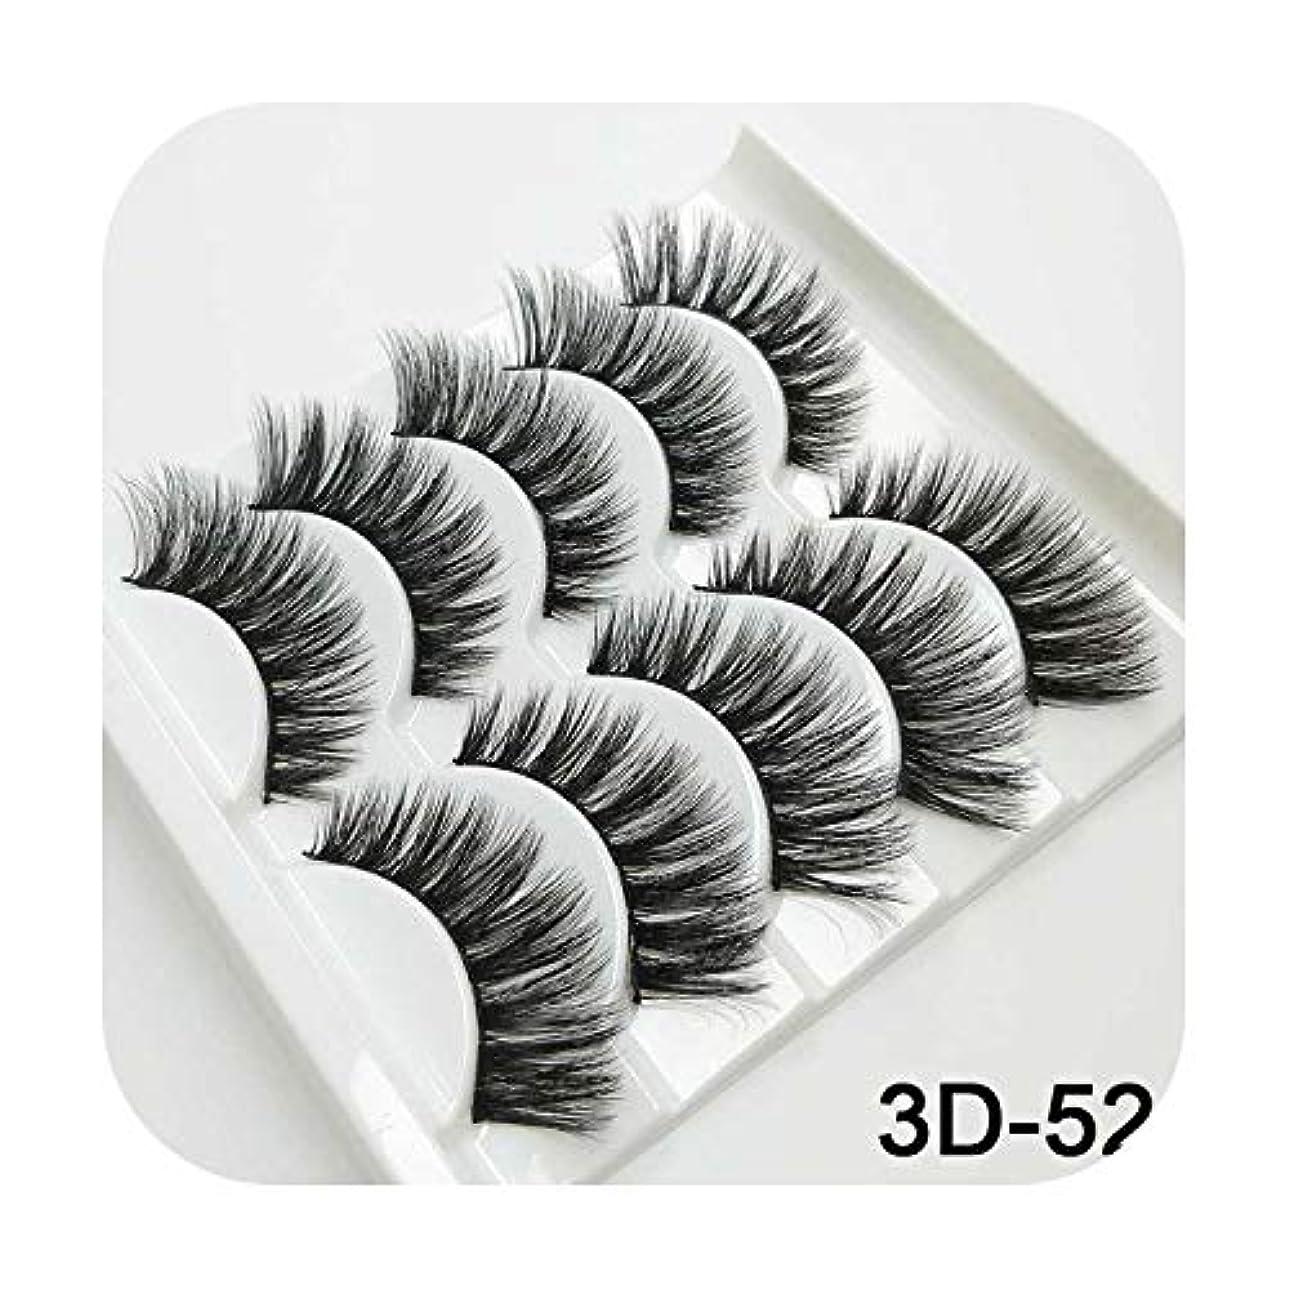 辛な規定寮3Dミンクまつげナチュラルつけまつげロングまつげエクステンション5ペアフェイクフェイクラッシュ,3D-52